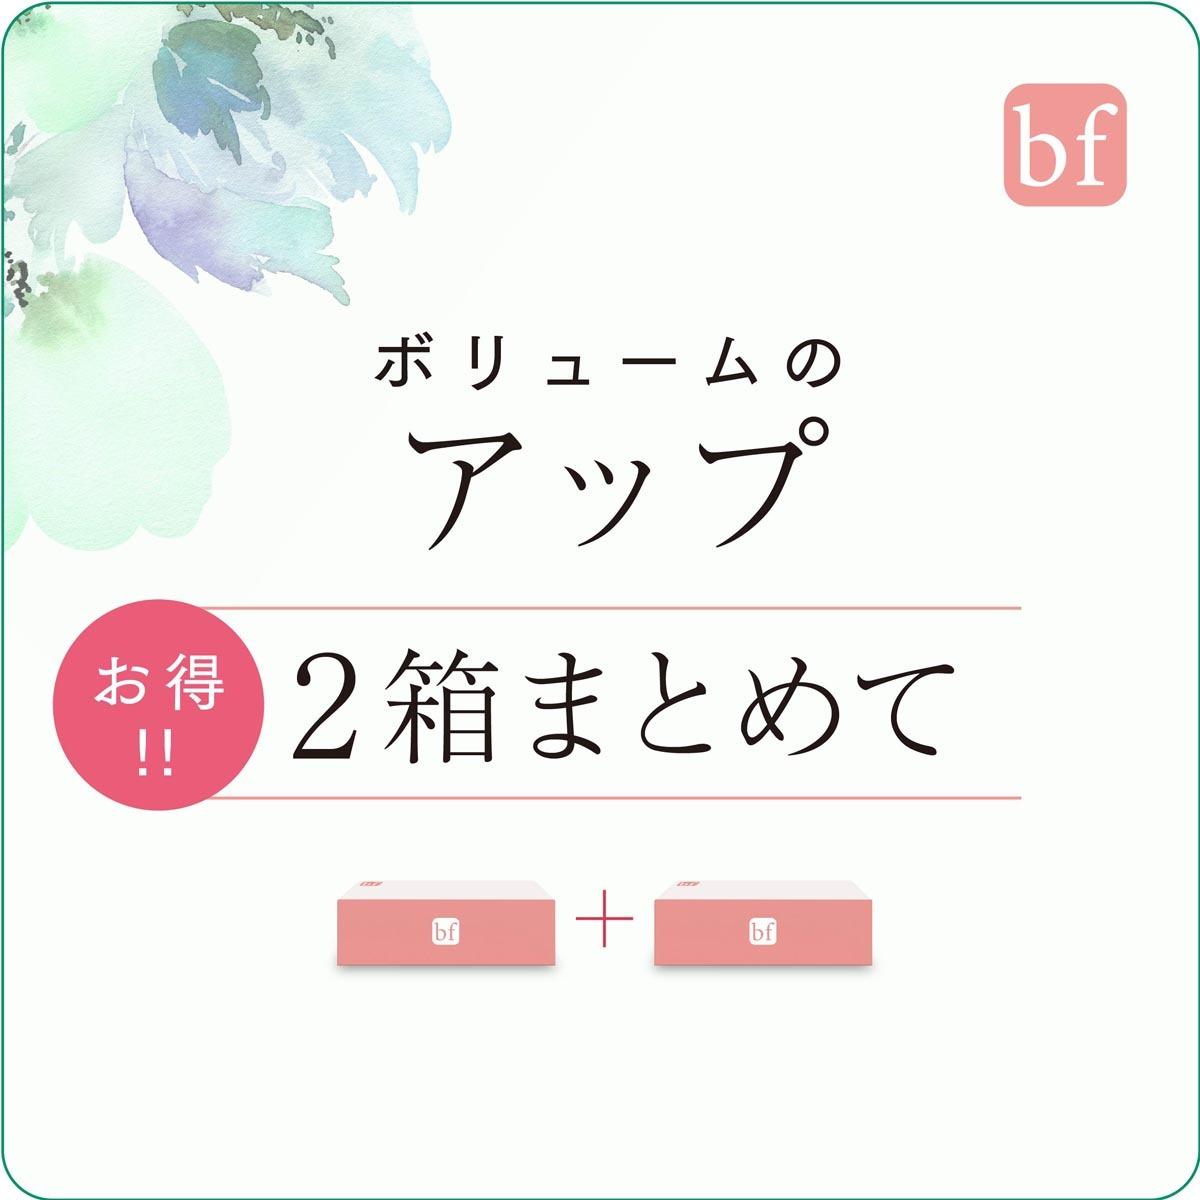 bf アップ 【2個セット】